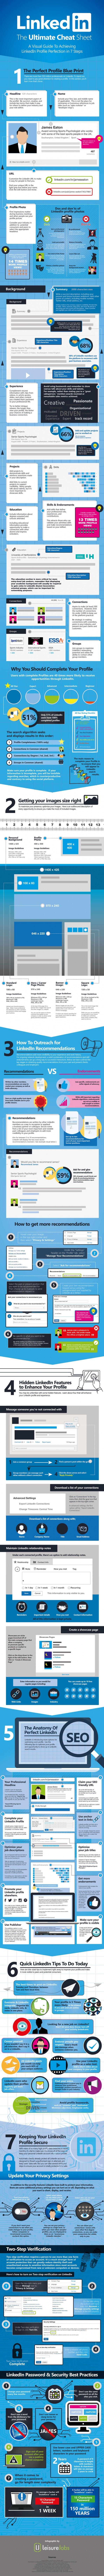 een optimaal LinkedIn-profiel in 7 stappen infographic